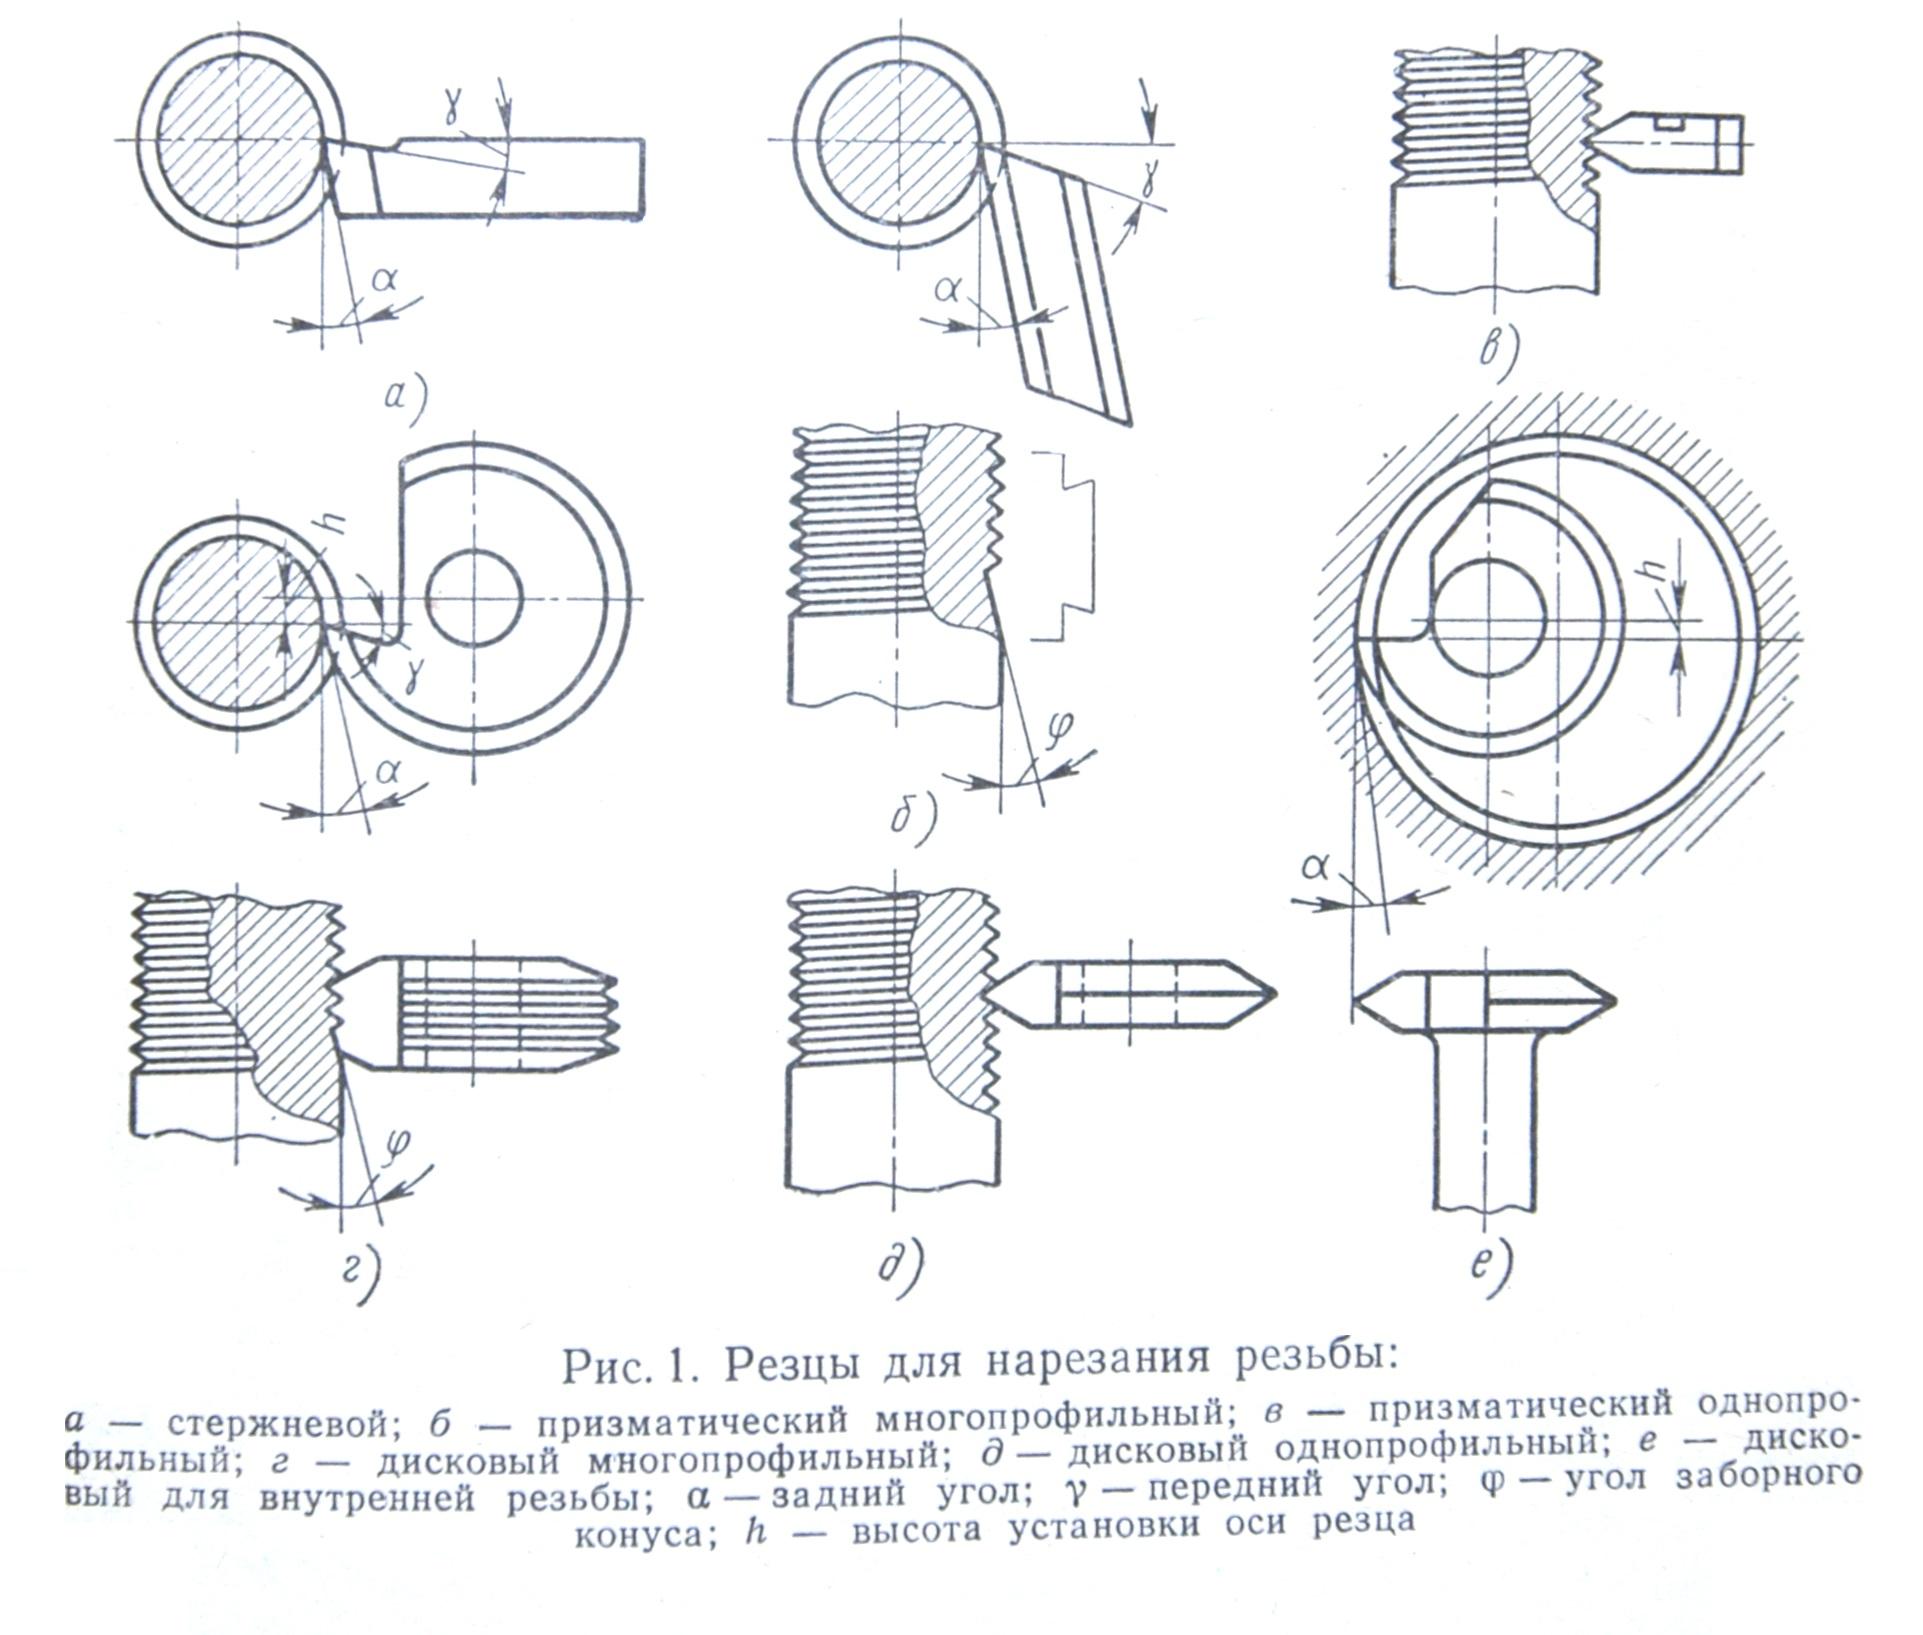 Нарезание резьбы на токарном станке разными рабочими инструментами